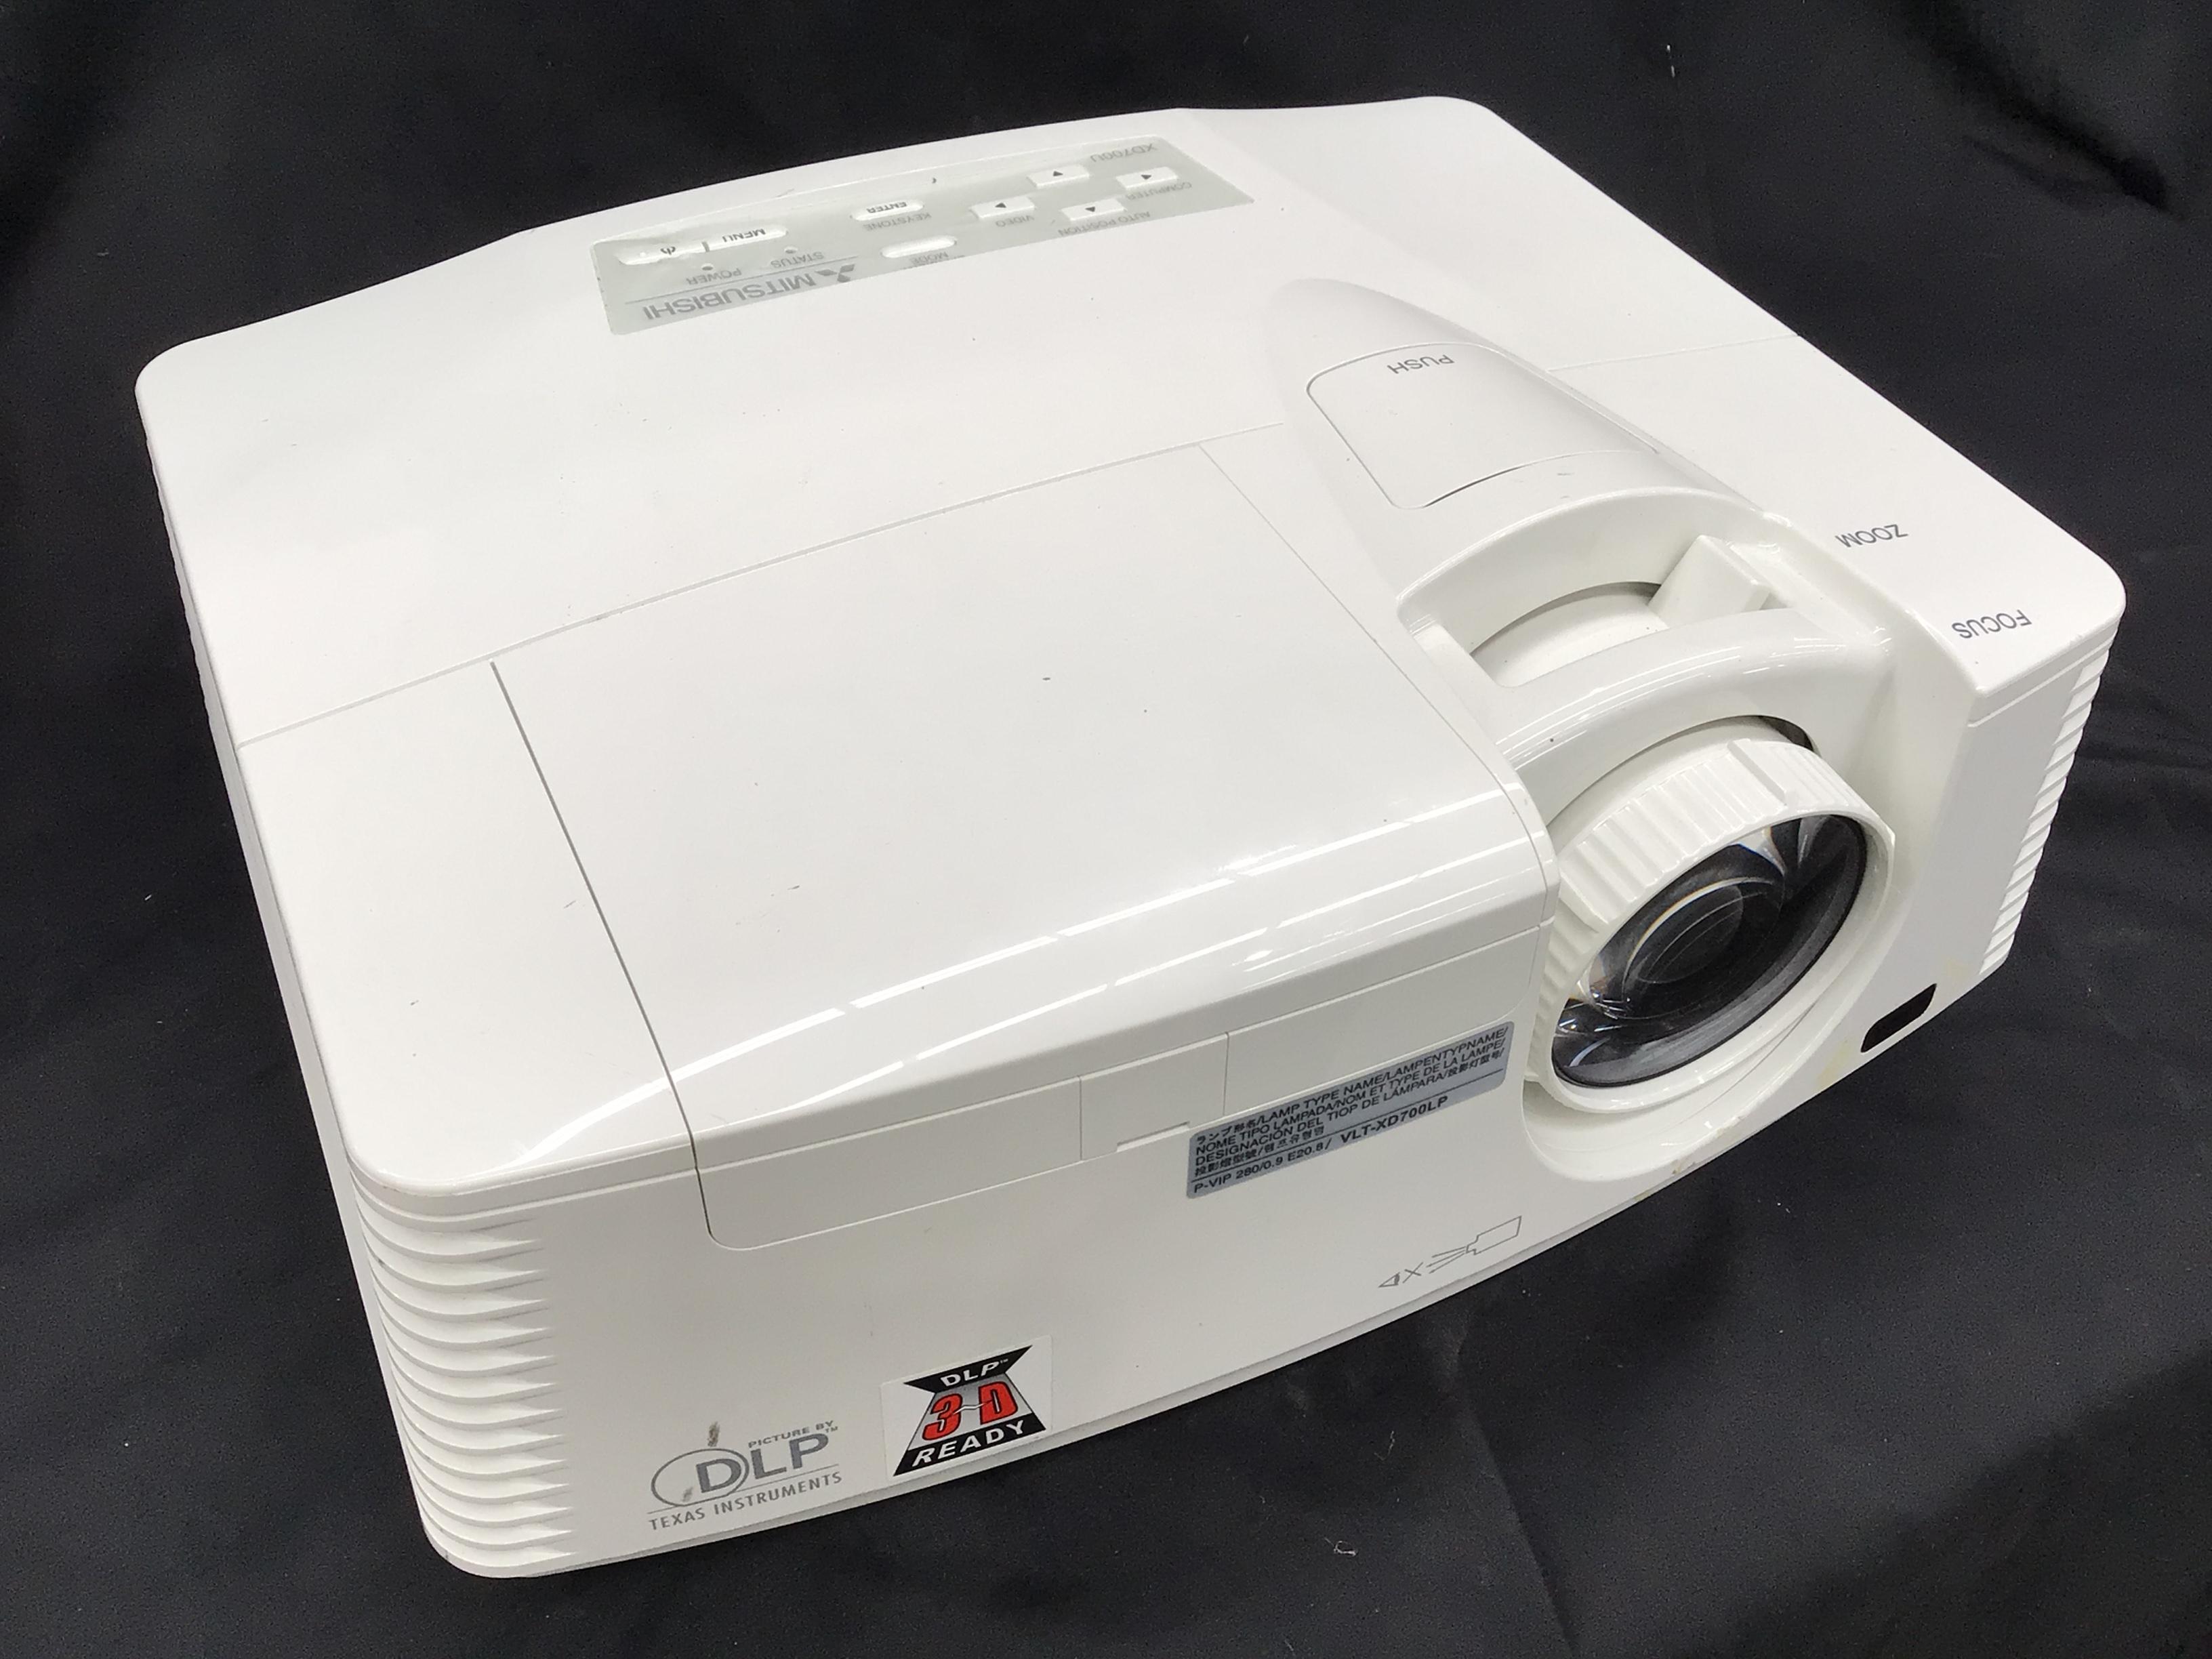 DLP 3D Projector